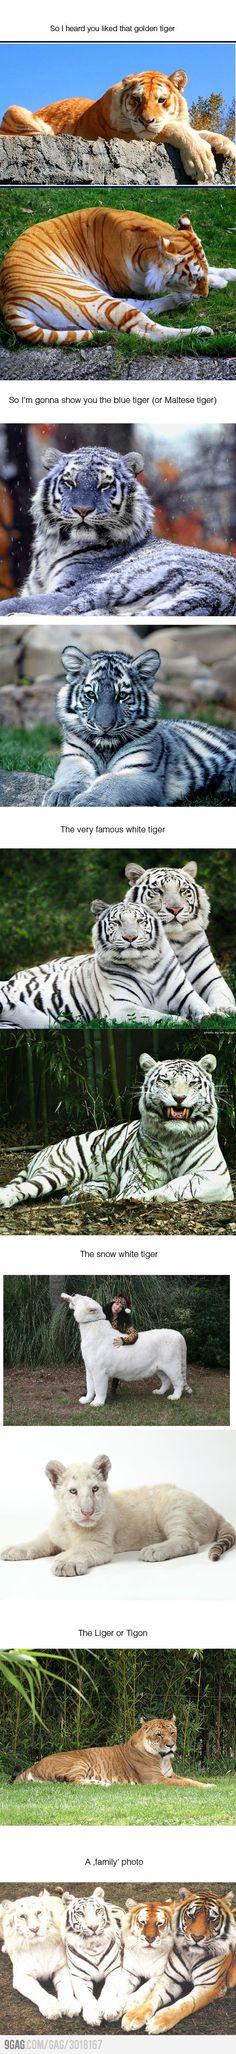 tigers!<3 <3 <3 <3 <3